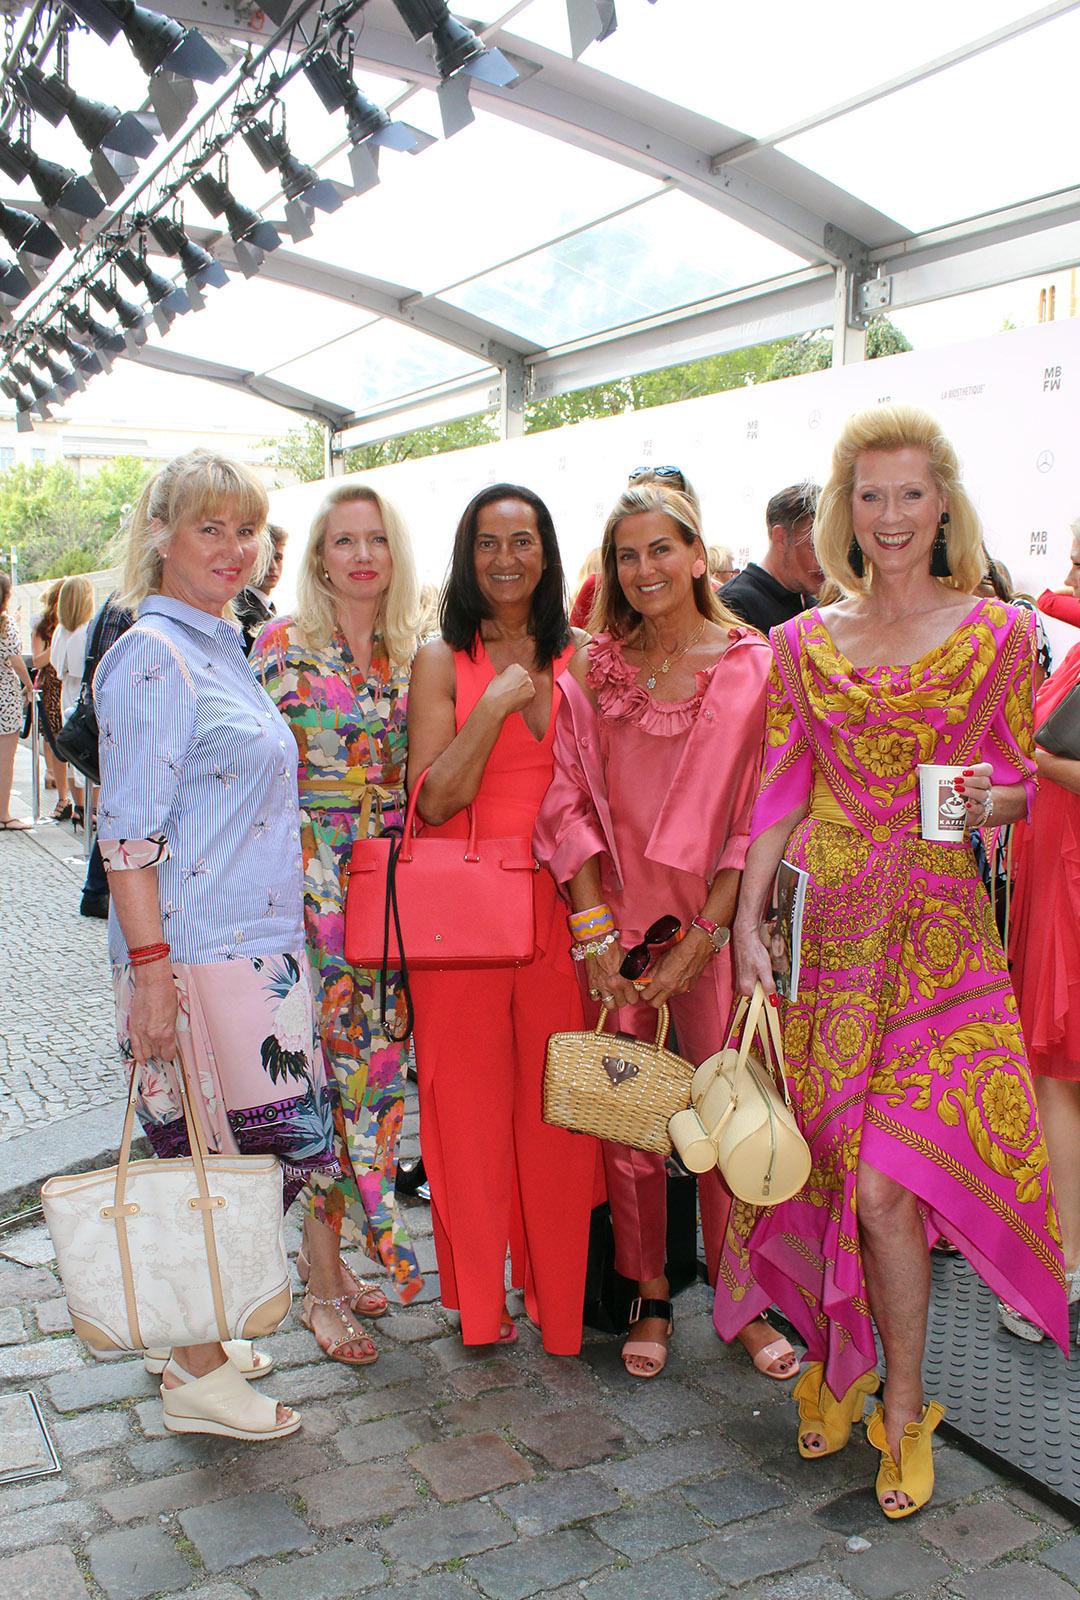 Summer Styles 2020 @Fashion Week Berlin *MBFW | Silverstyles